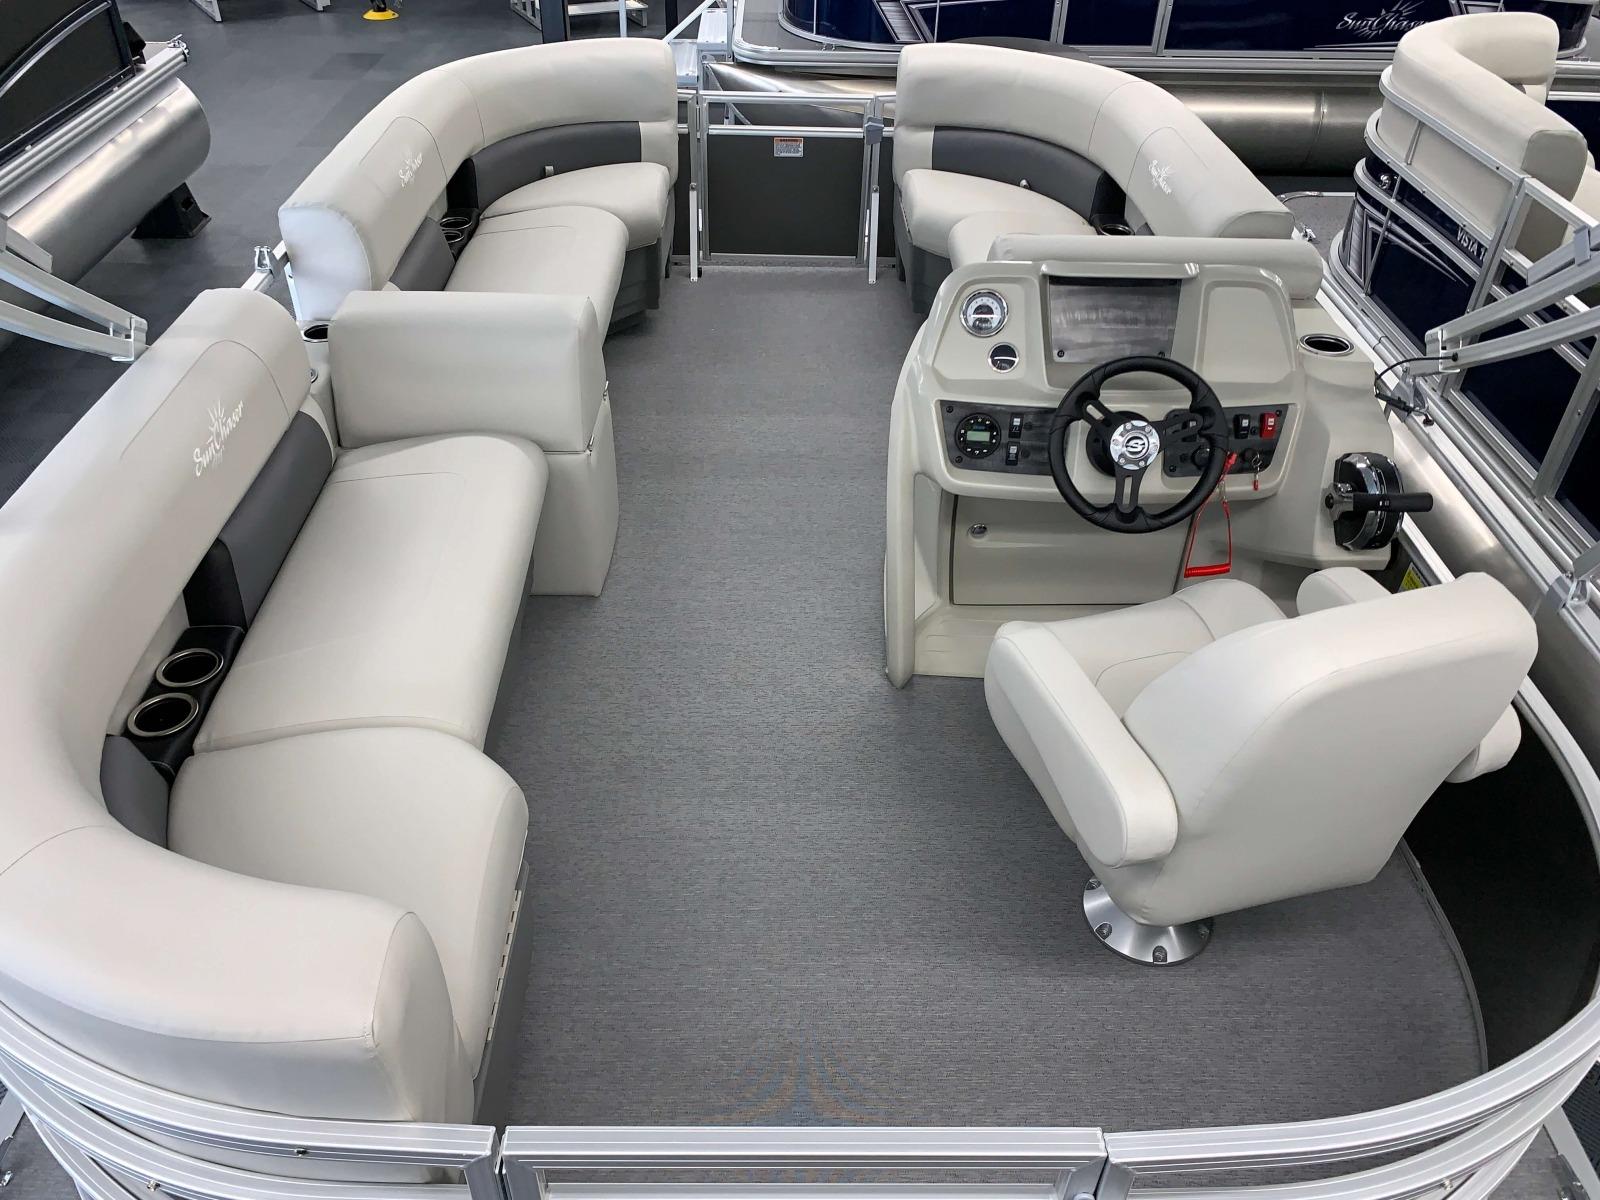 Sea Weave Vinyl Floor of a 2020 SunChaser Vista 16 LR Pontoon Boat